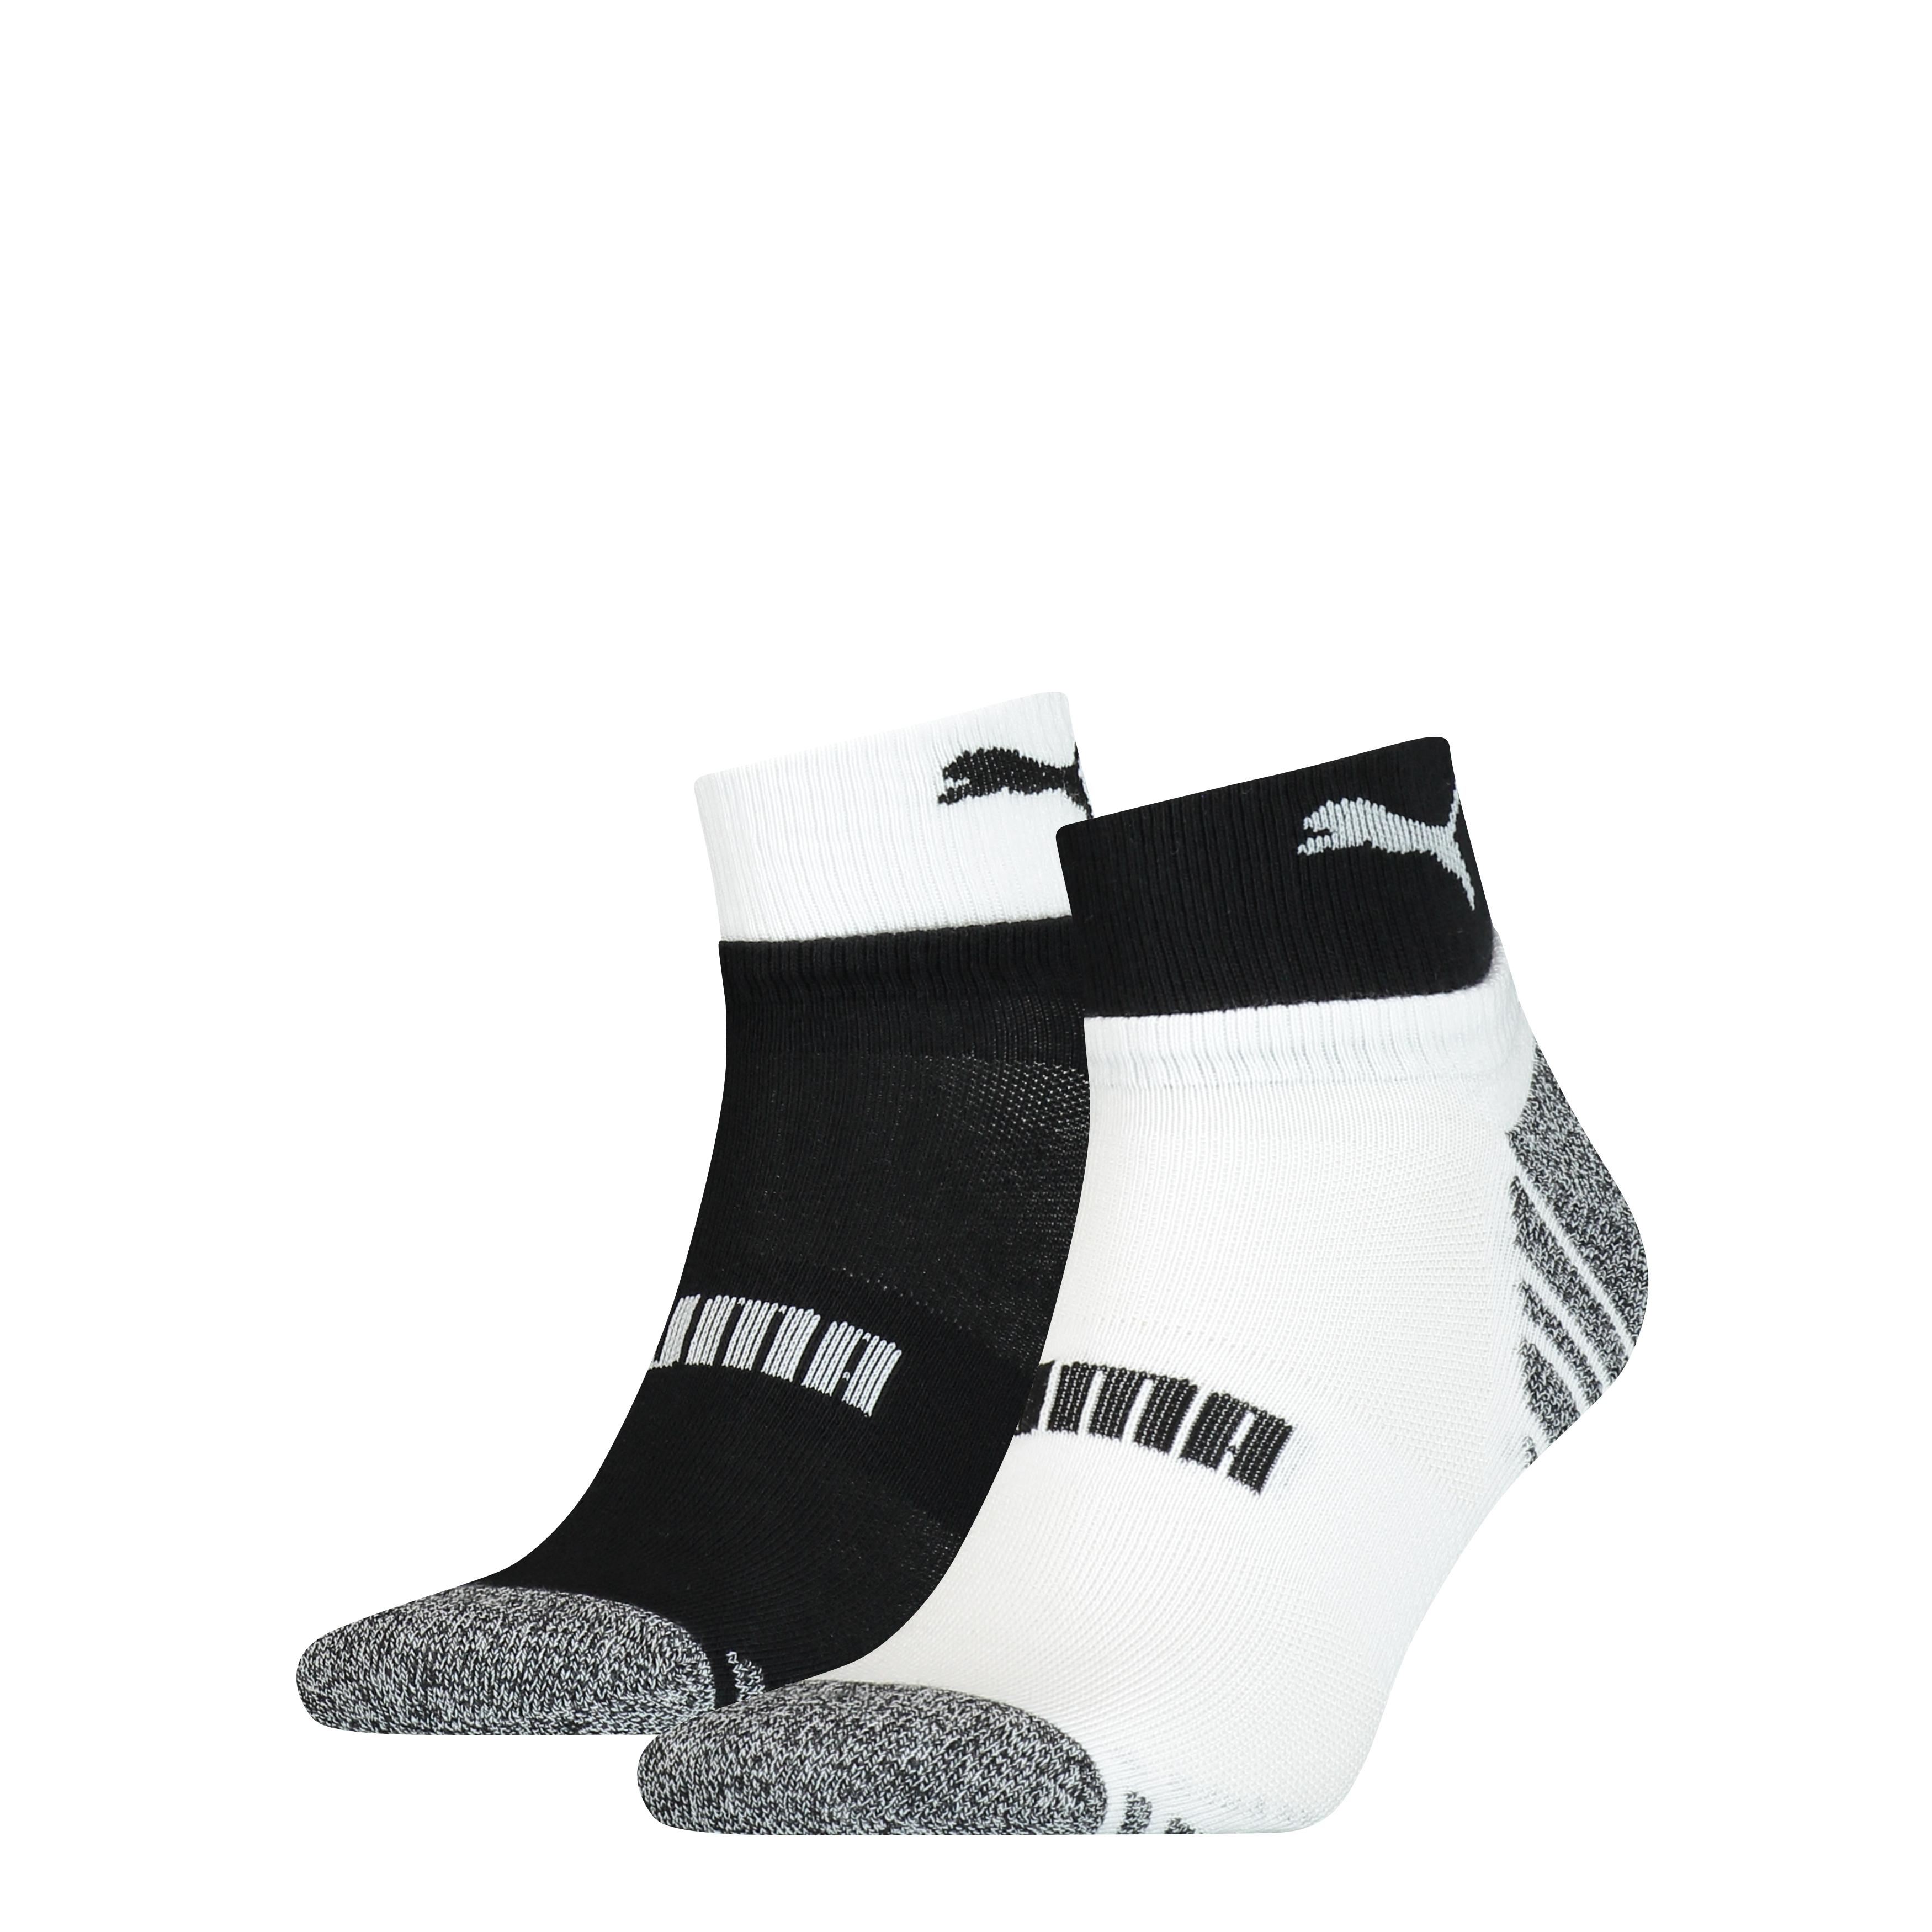 Puma Quarter Sokken Heren 2-pack Black/ White-39/42